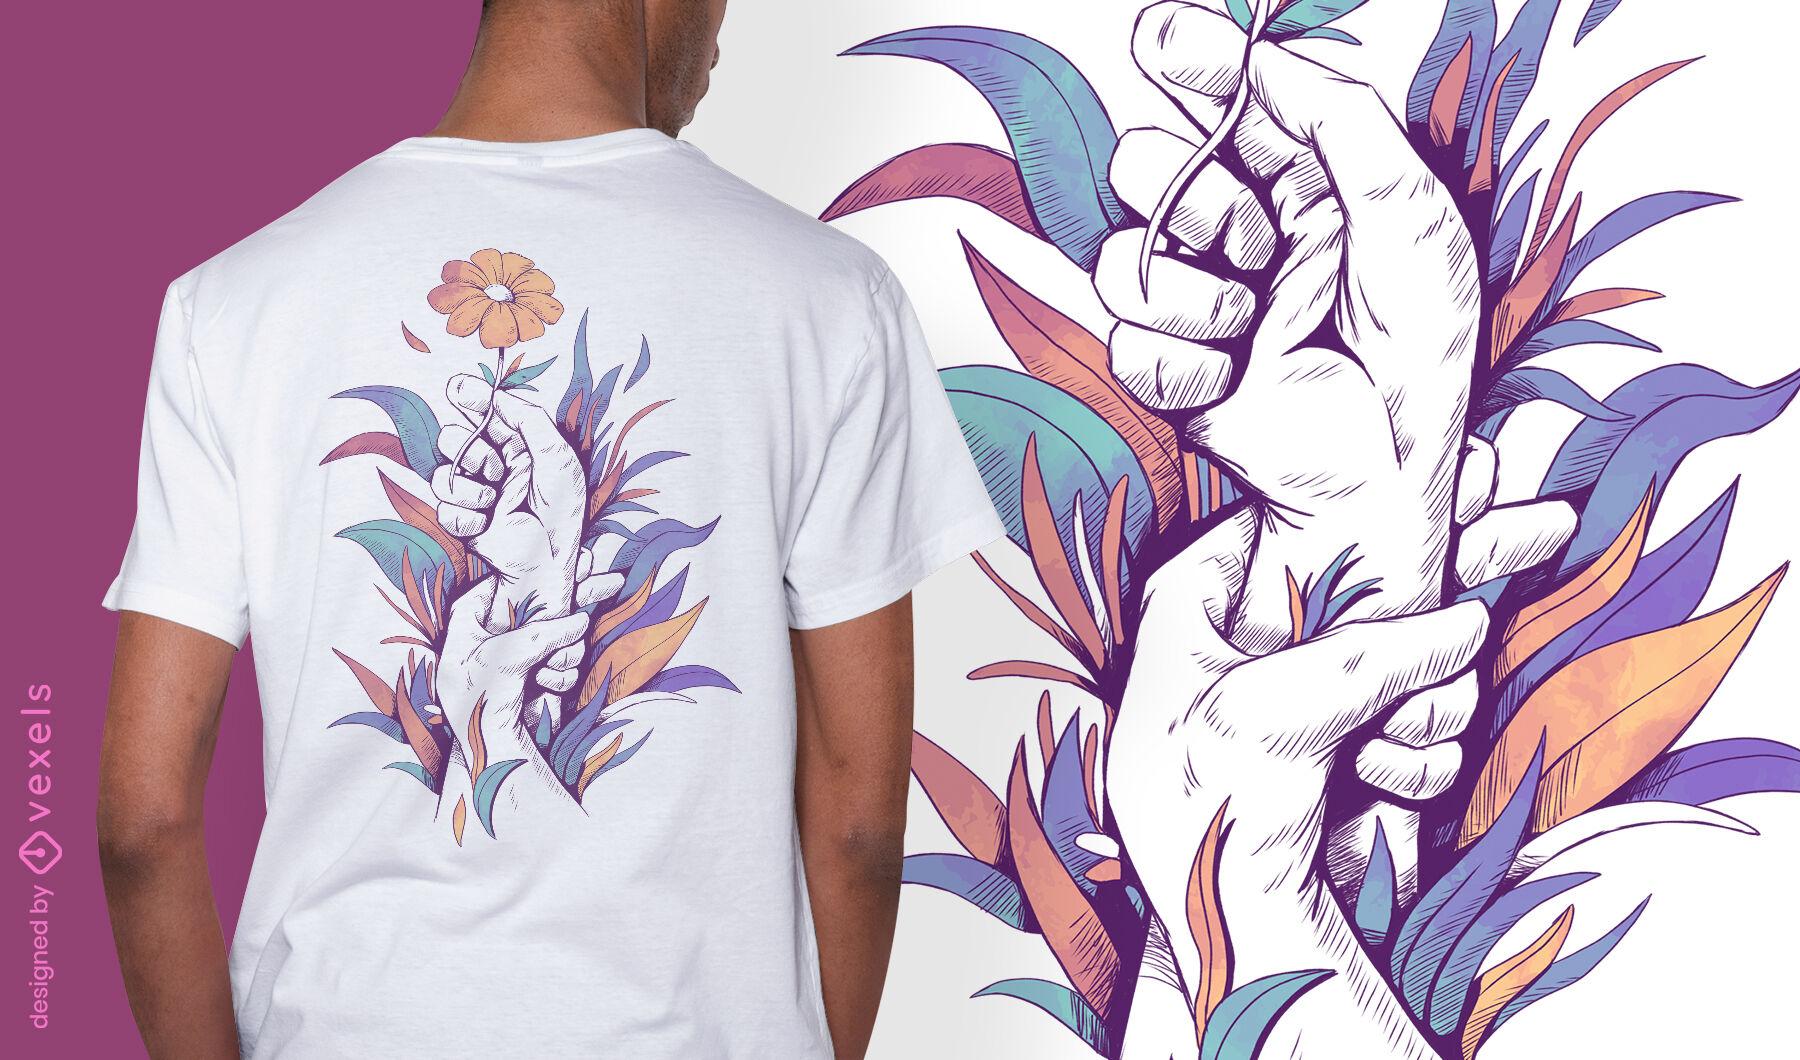 Mãos segurando um desenho de t-shirt psd de flor